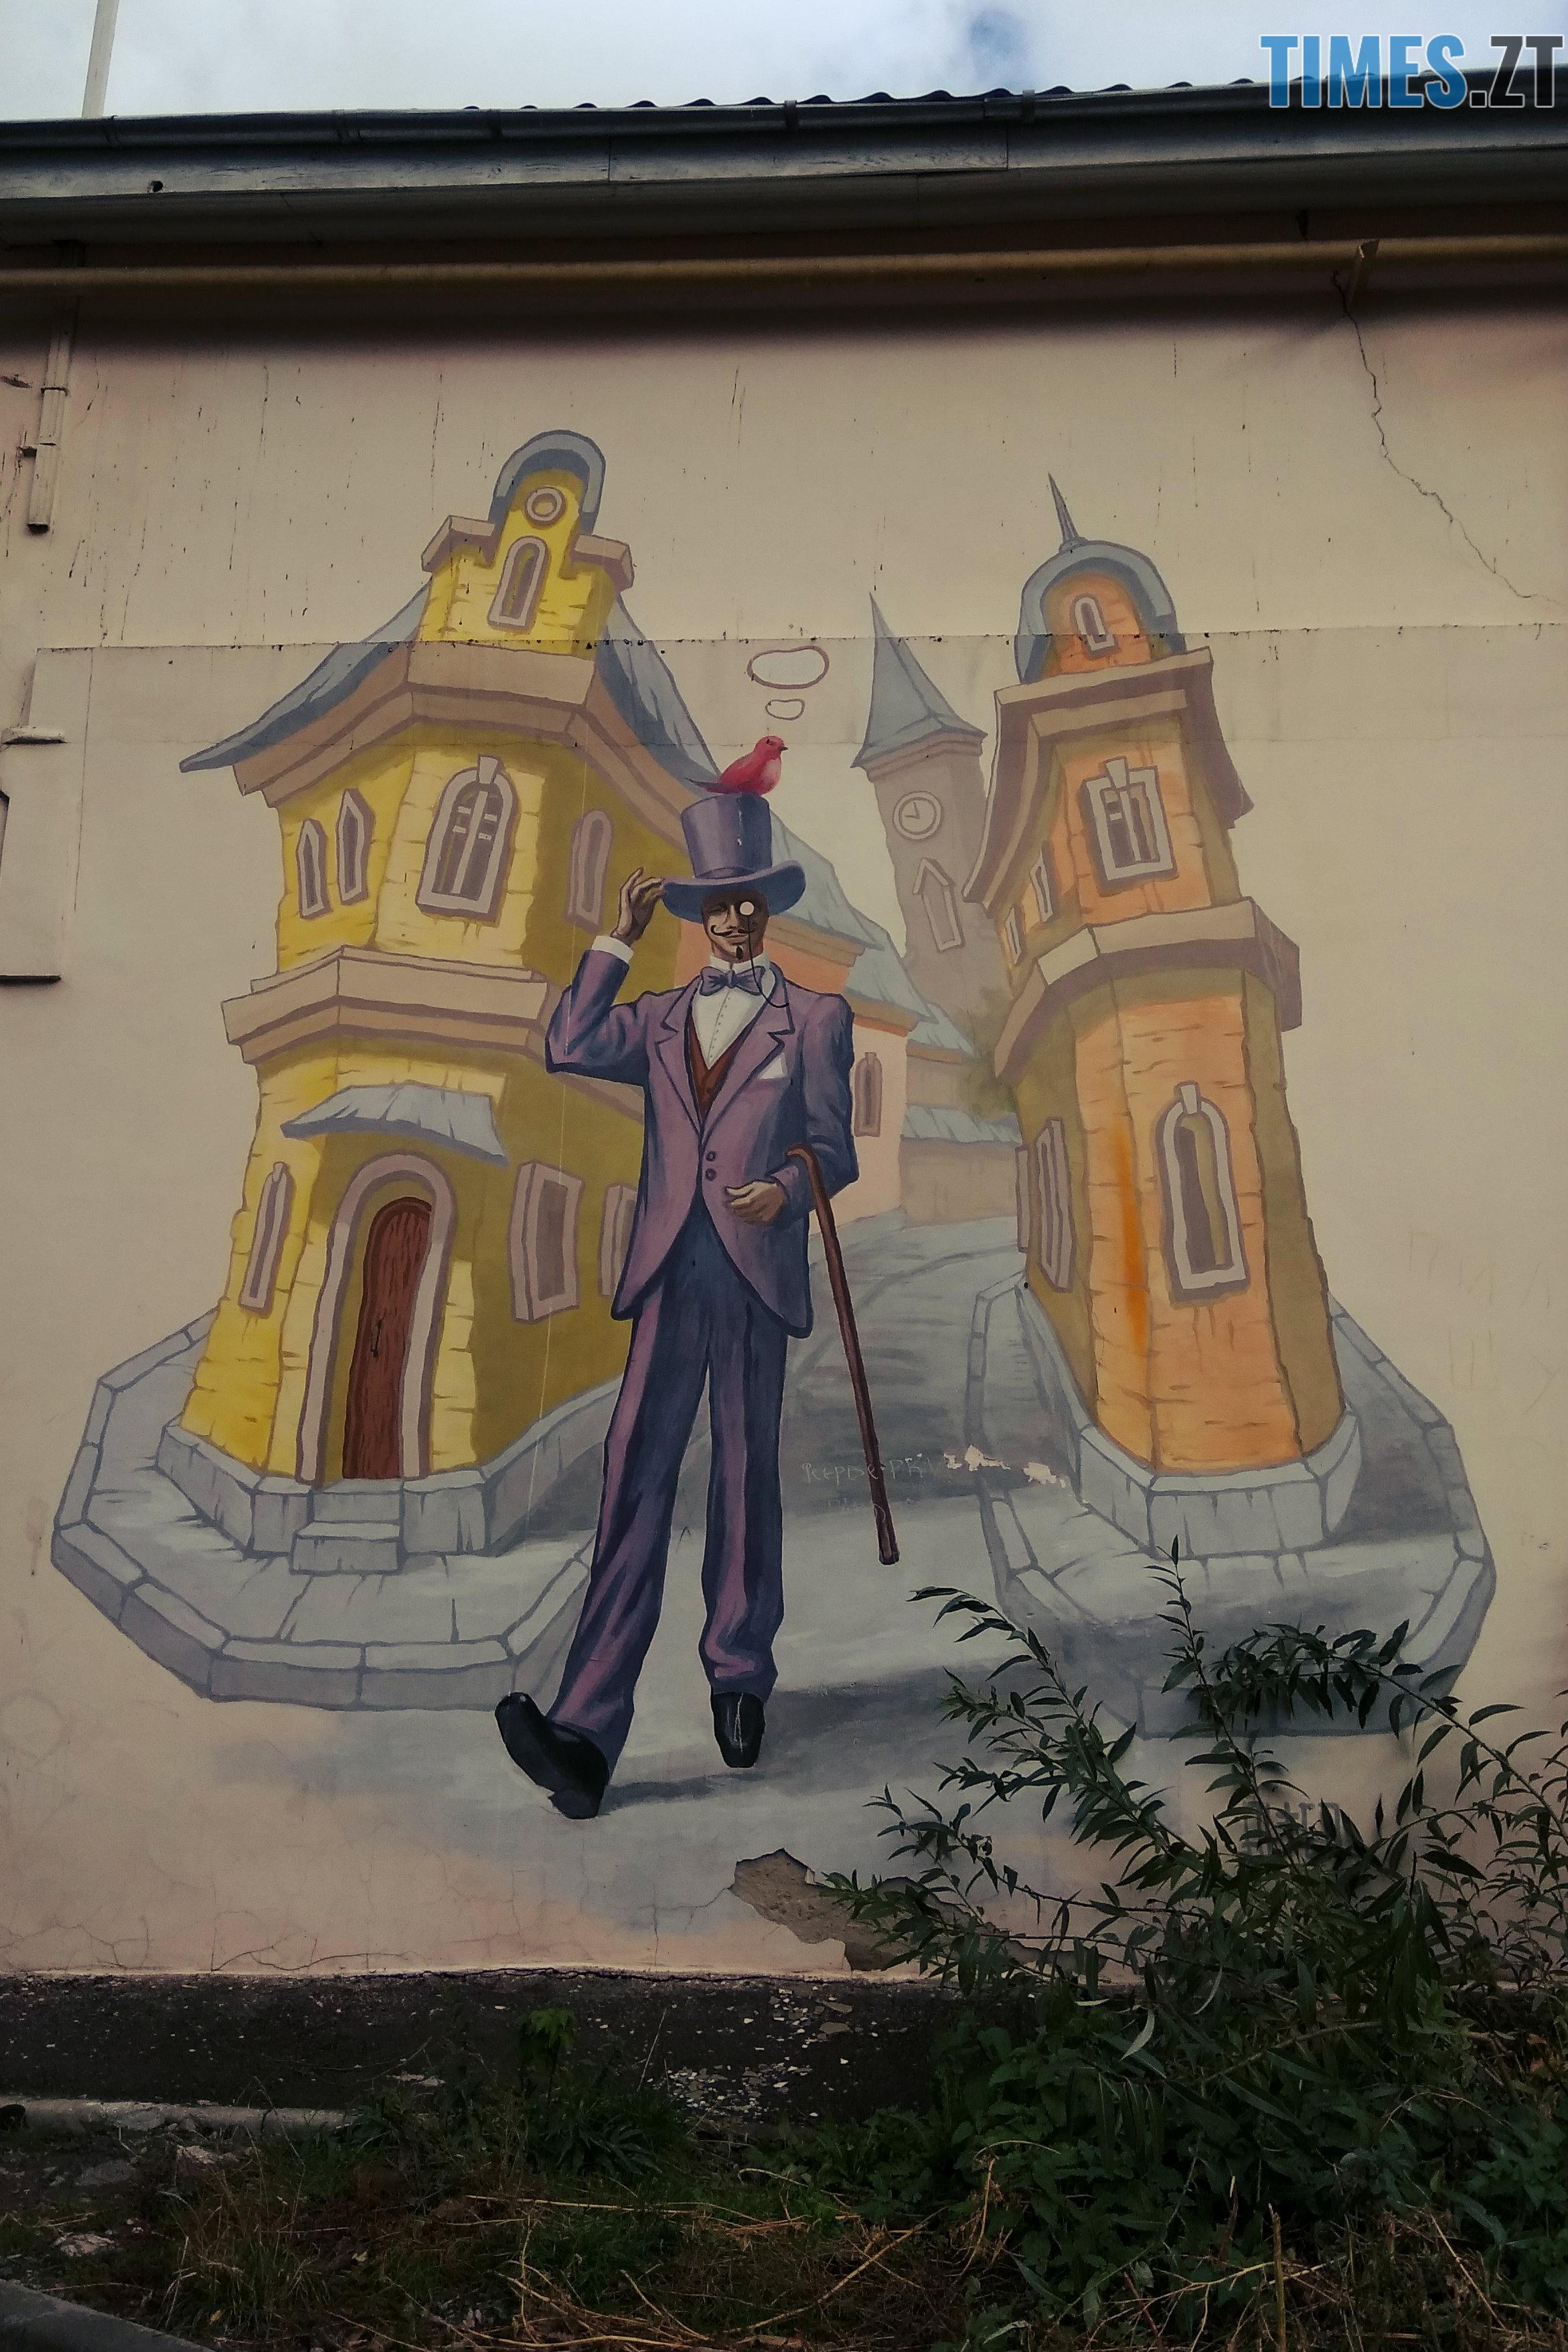 3 - Місто стінописів: вуличне мистецтво, яке робить Житомир особливим (частина 1)